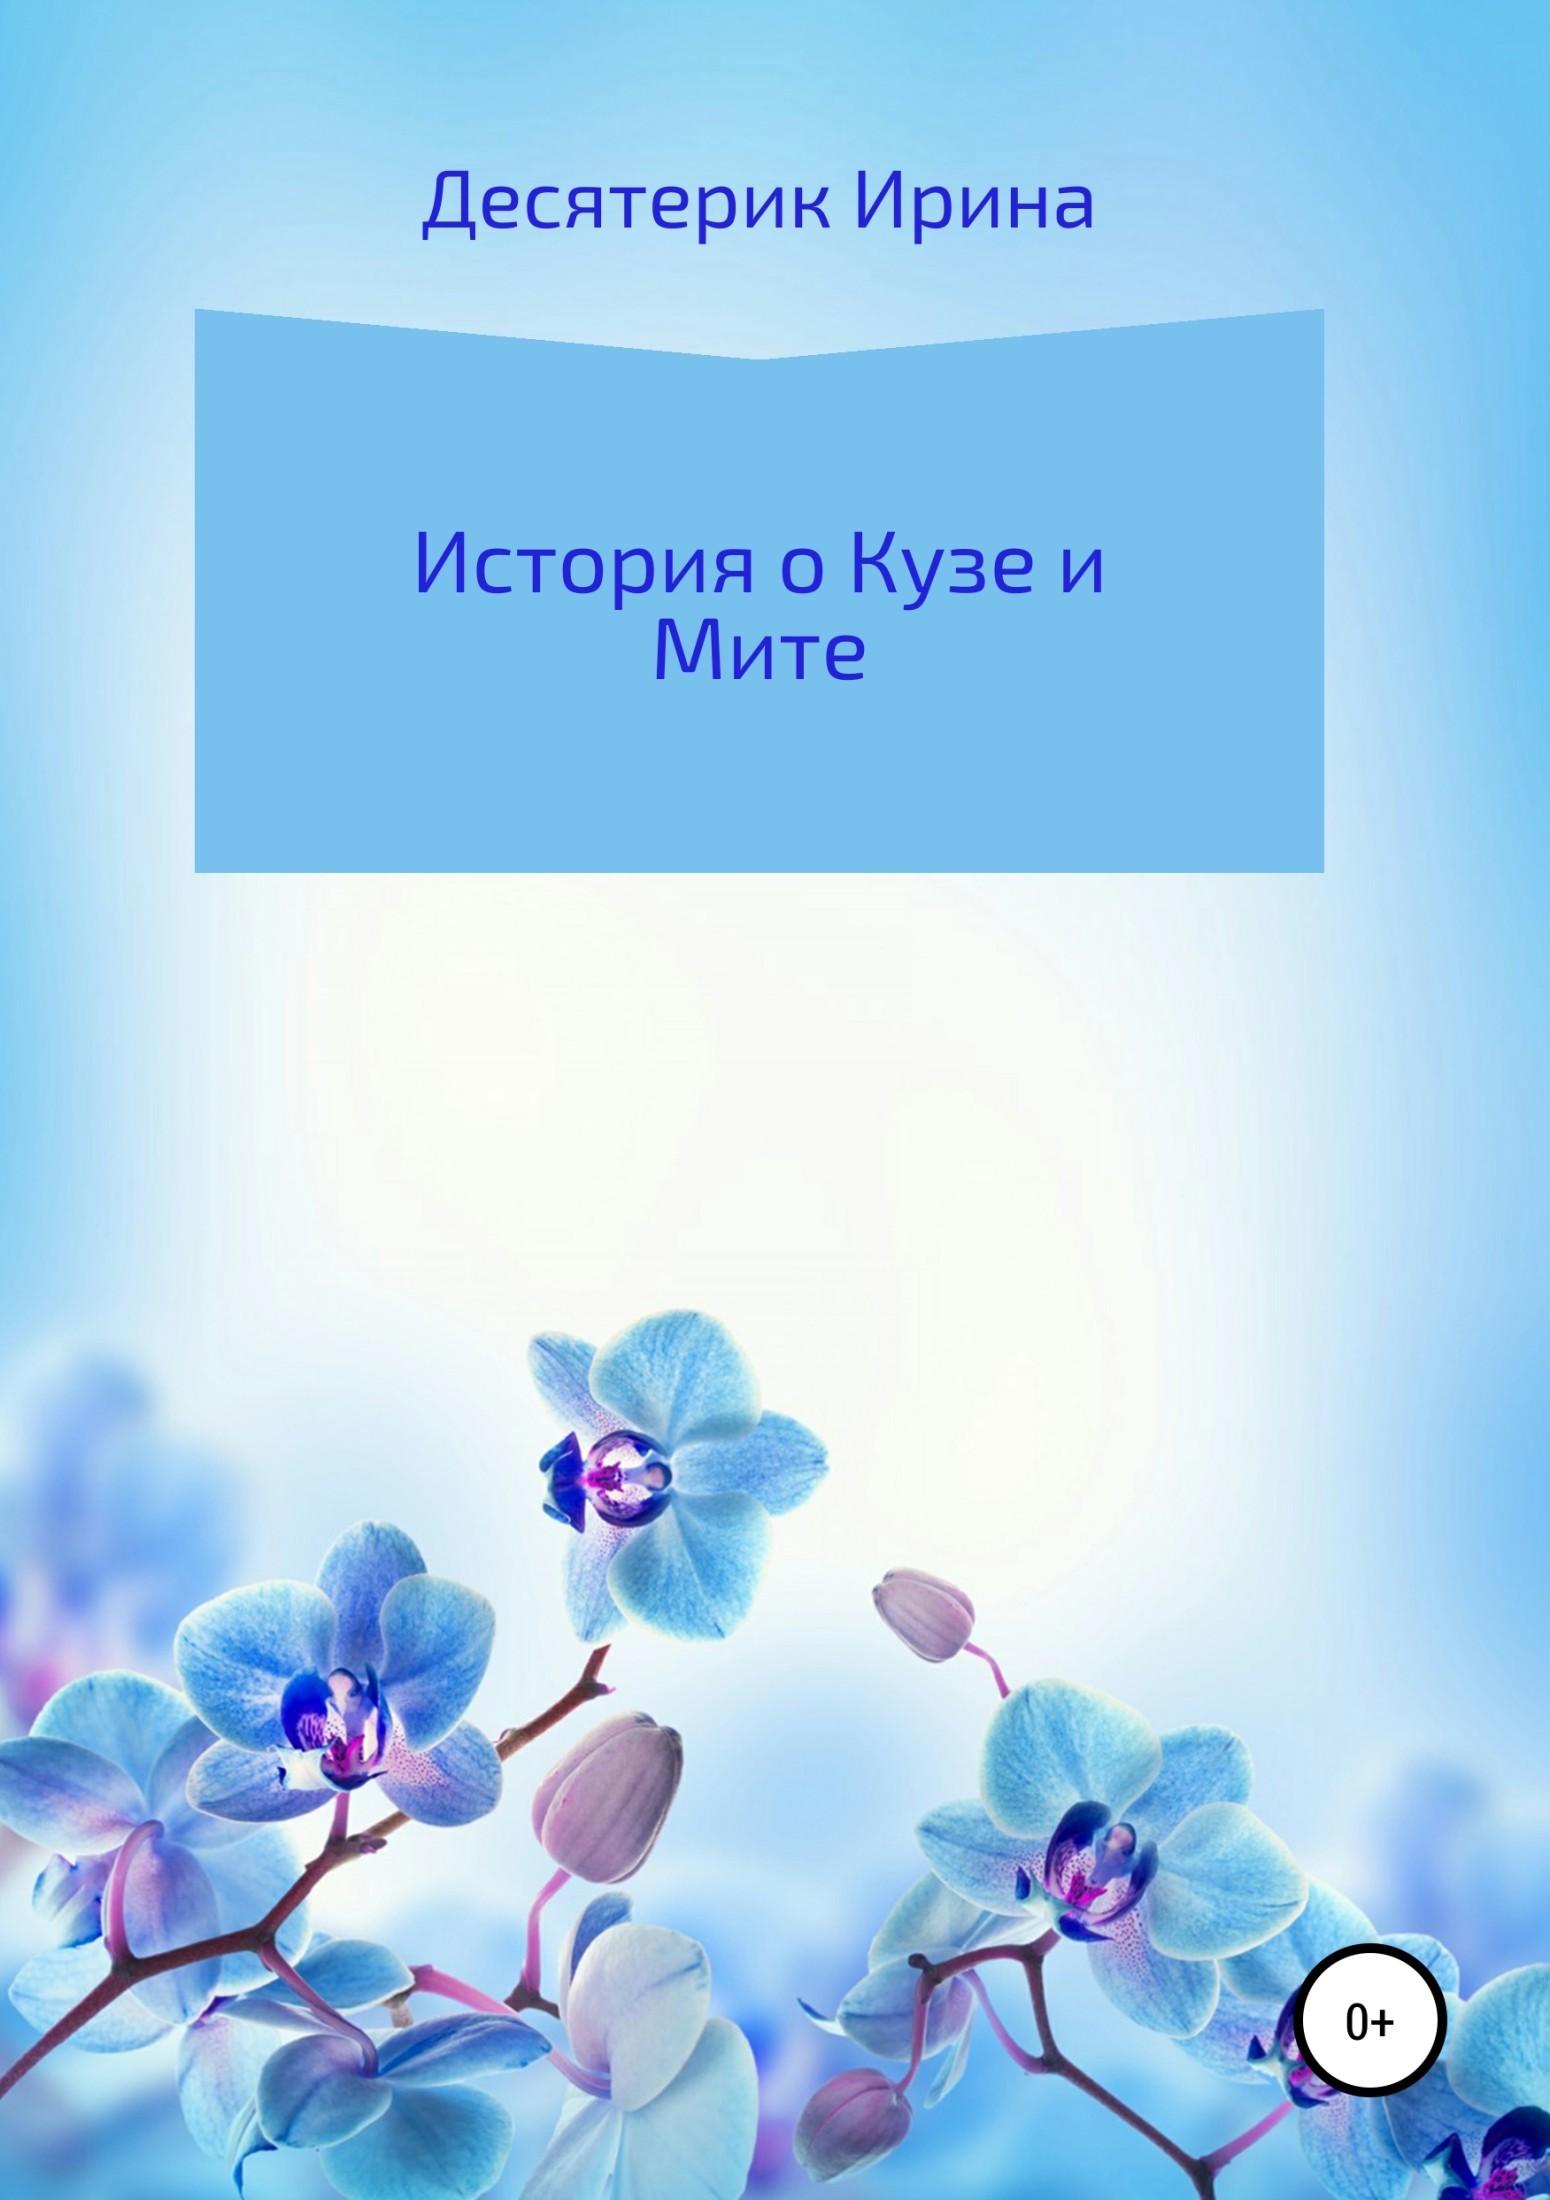 История о Кузе и Мите